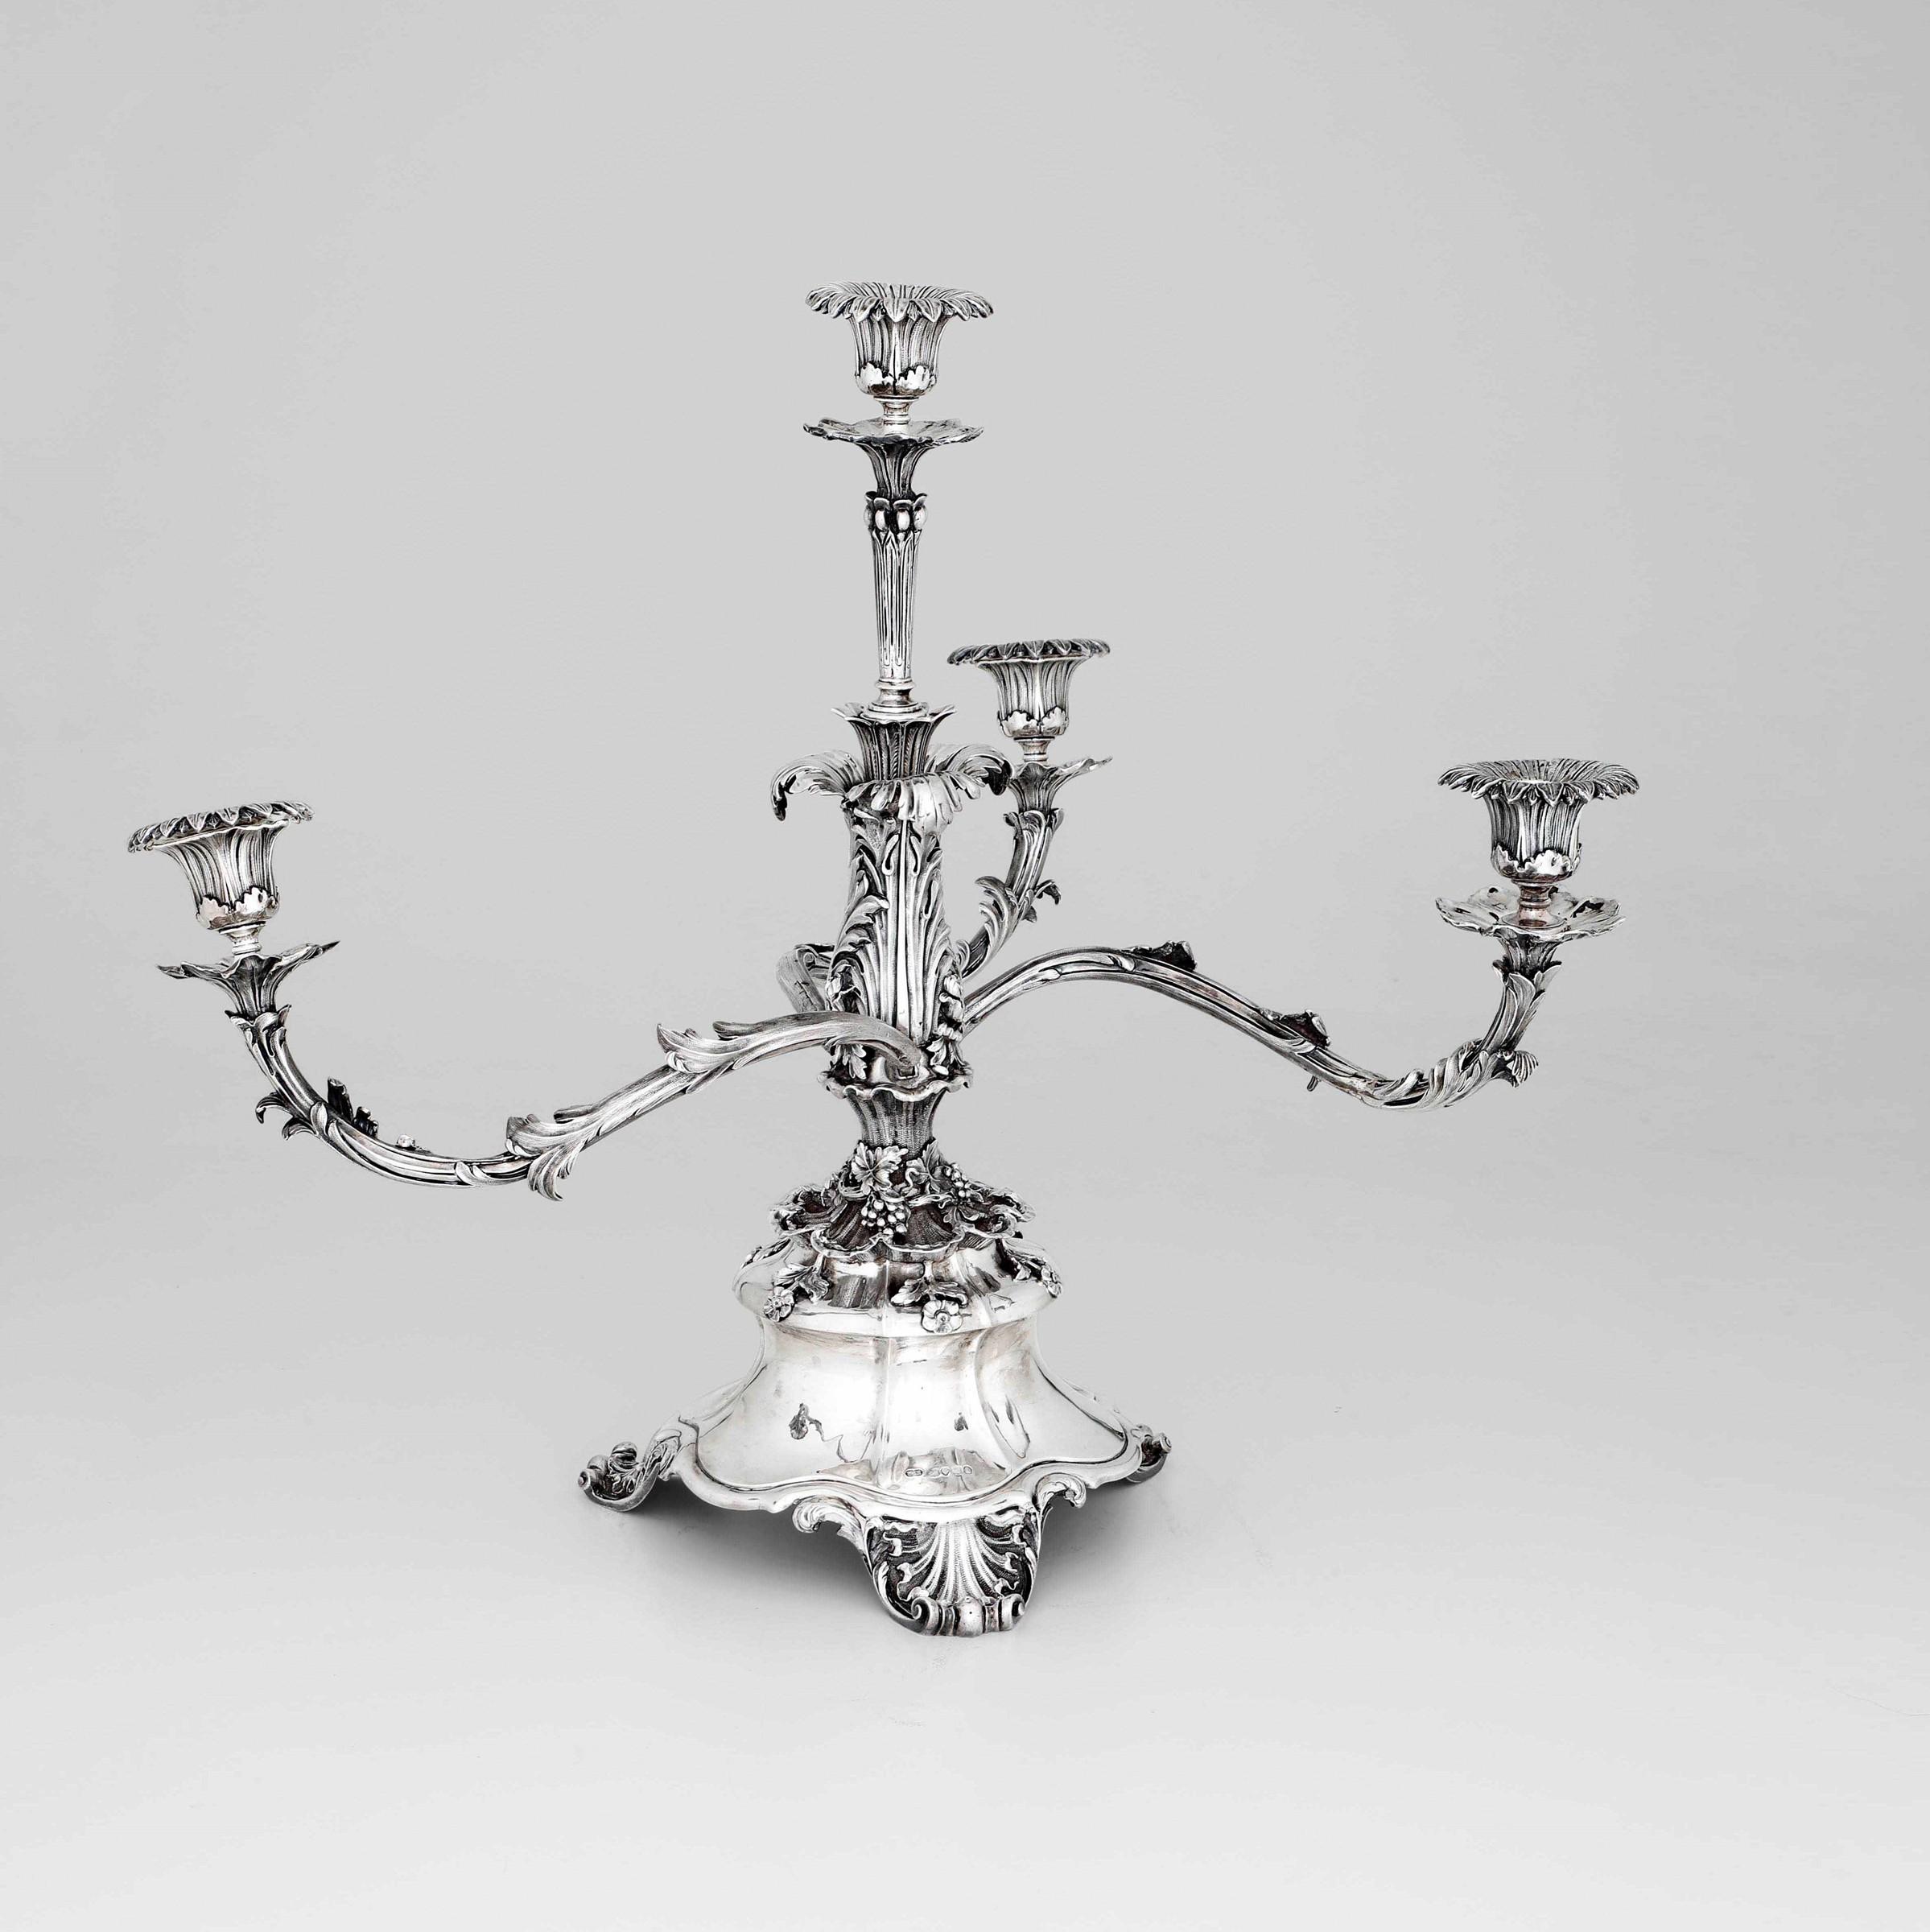 Grande candelabro centrotavola in argento fuso sbalzato e cesellato. Londra, 1883, - [...]